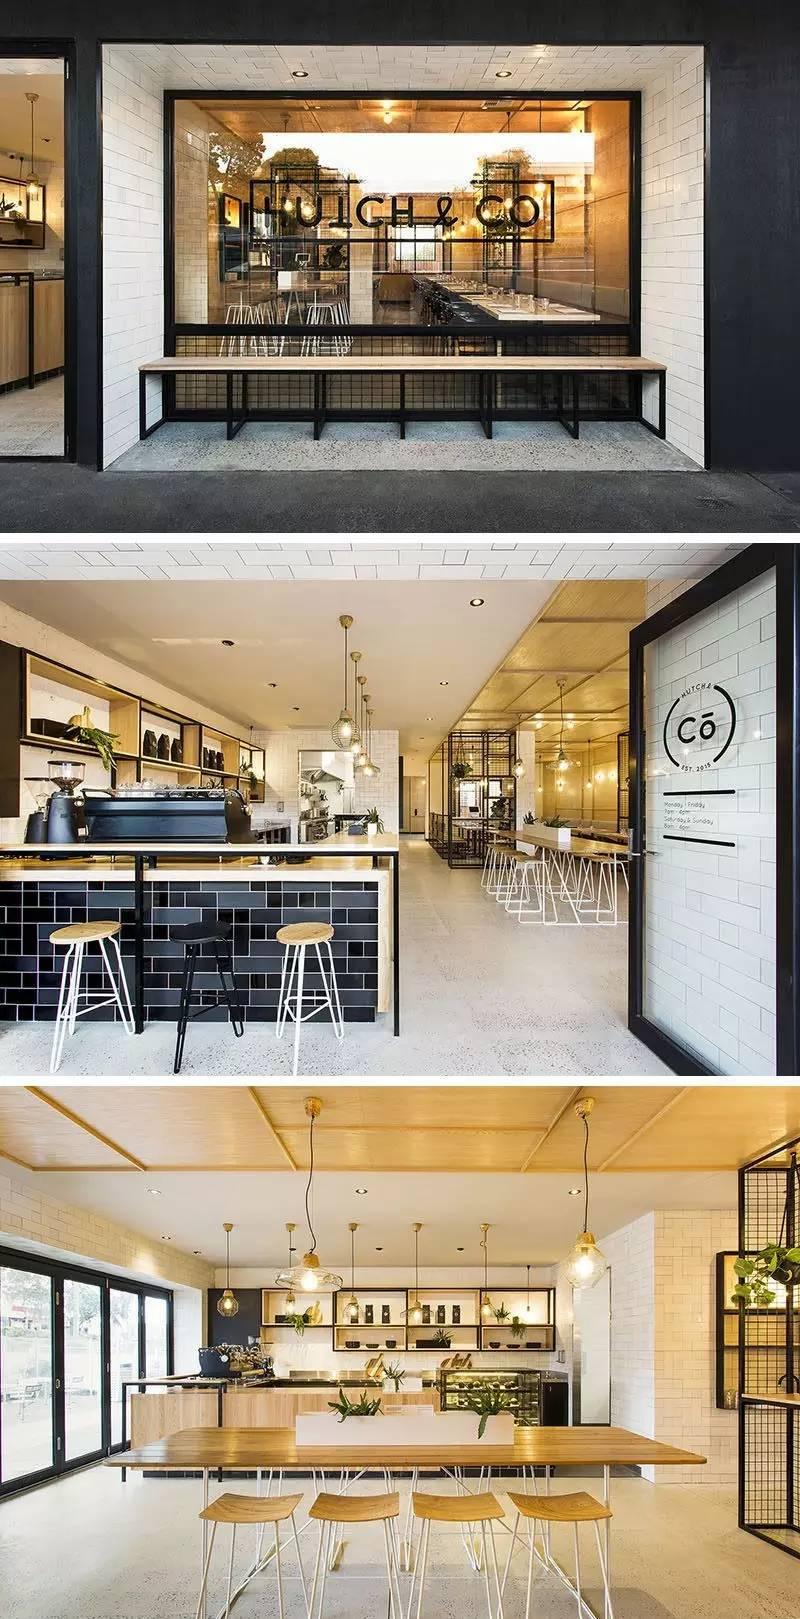 咖啡馆创意设计